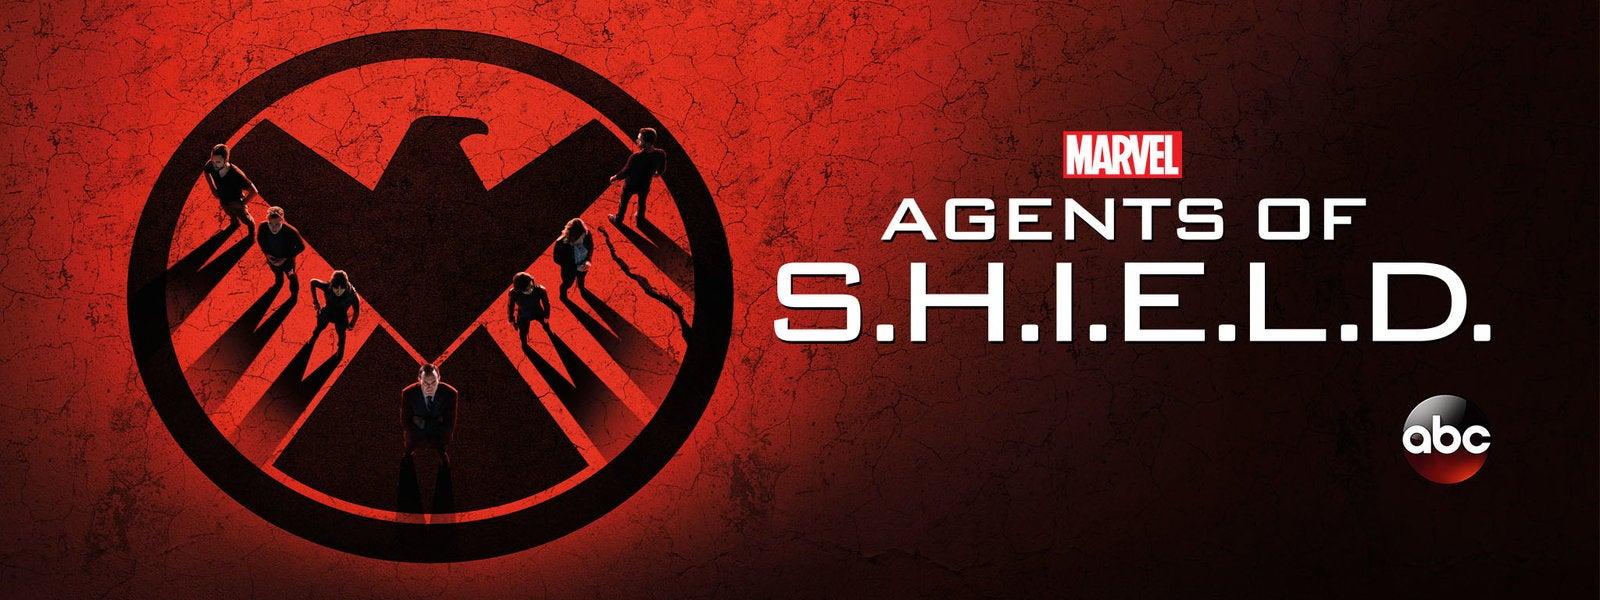 Agents Of SHIELDs Clark Gregg Pranks Chloe Bennet